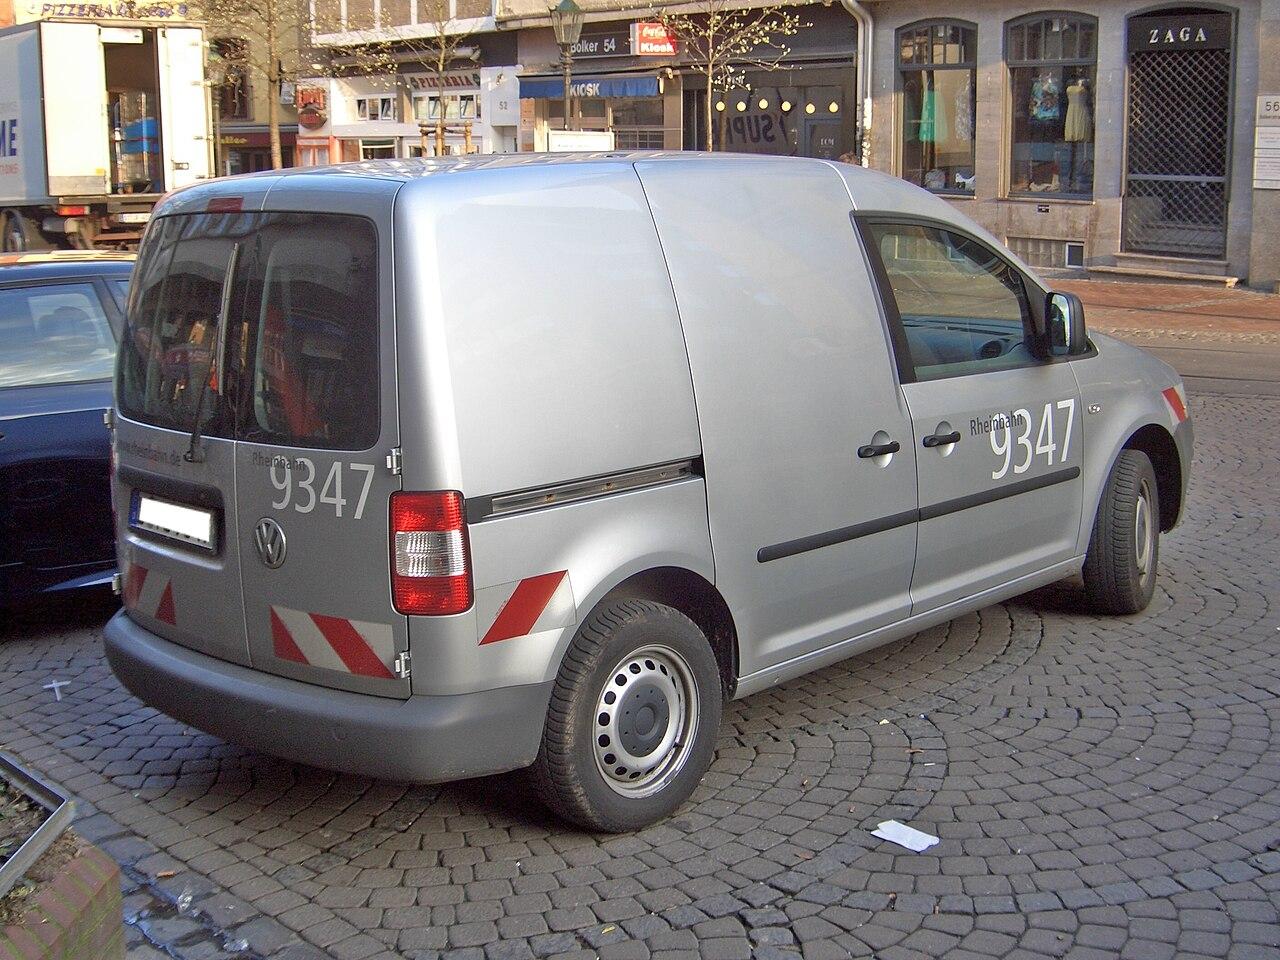 file vw caddy kastenwagen from2004 backright. Black Bedroom Furniture Sets. Home Design Ideas